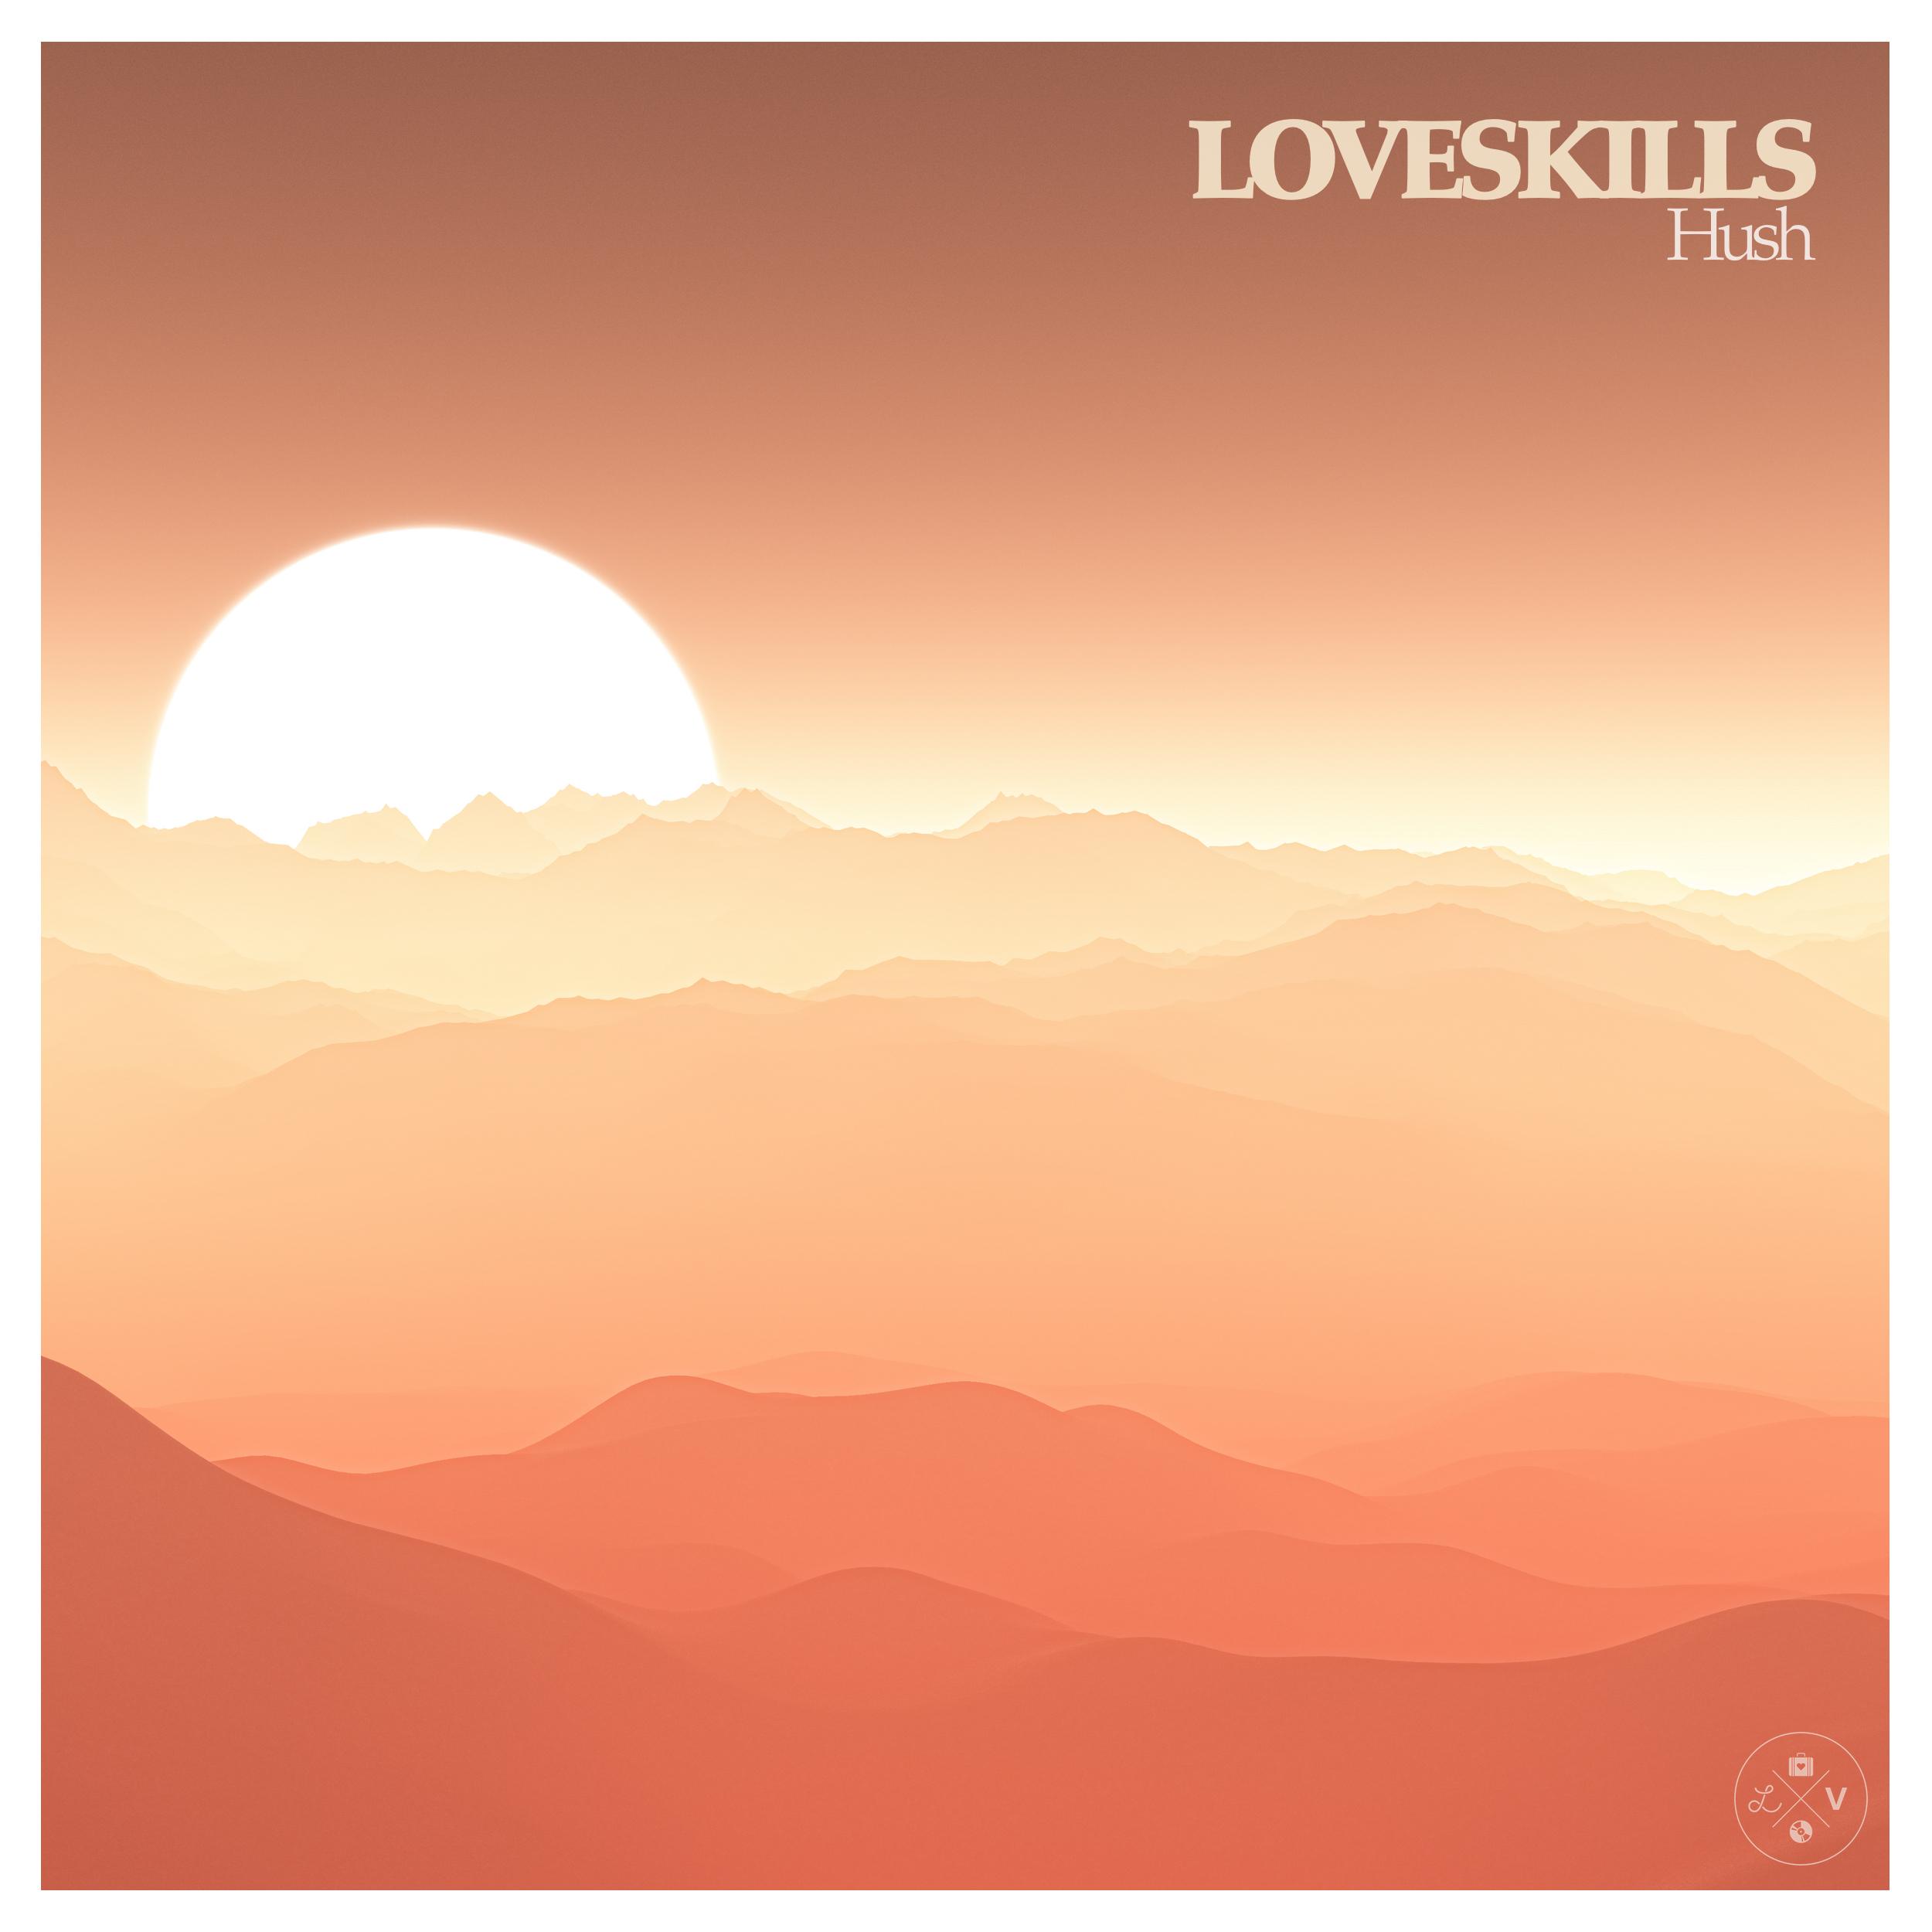 DV090 / Loveskills - Hush